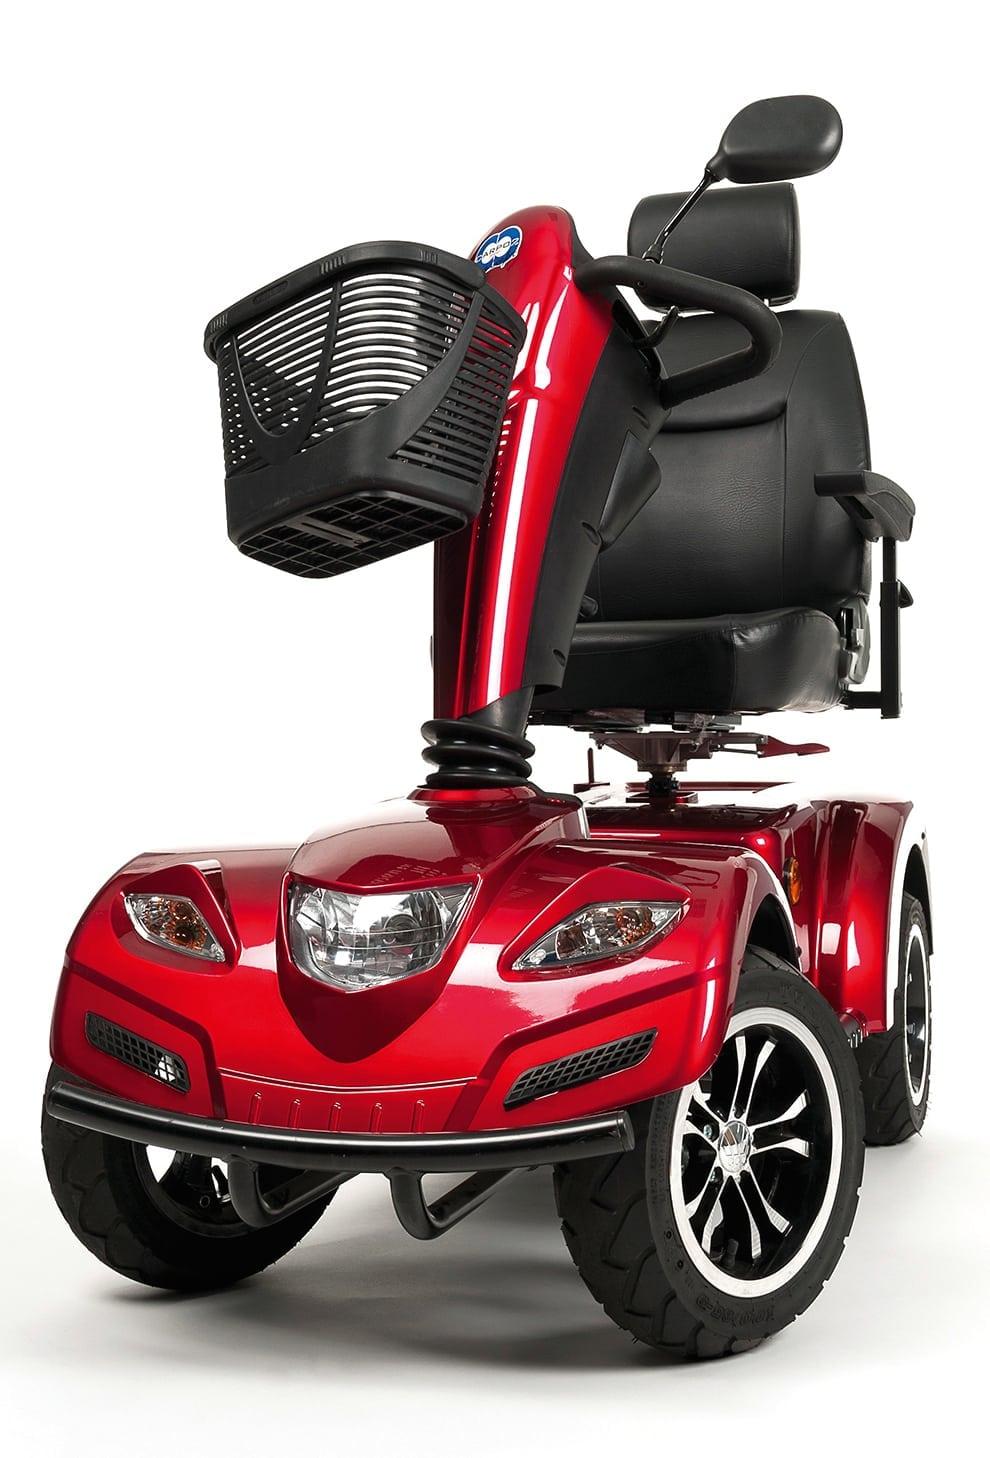 Vermeiren scootmobiel Carpo 2 sport